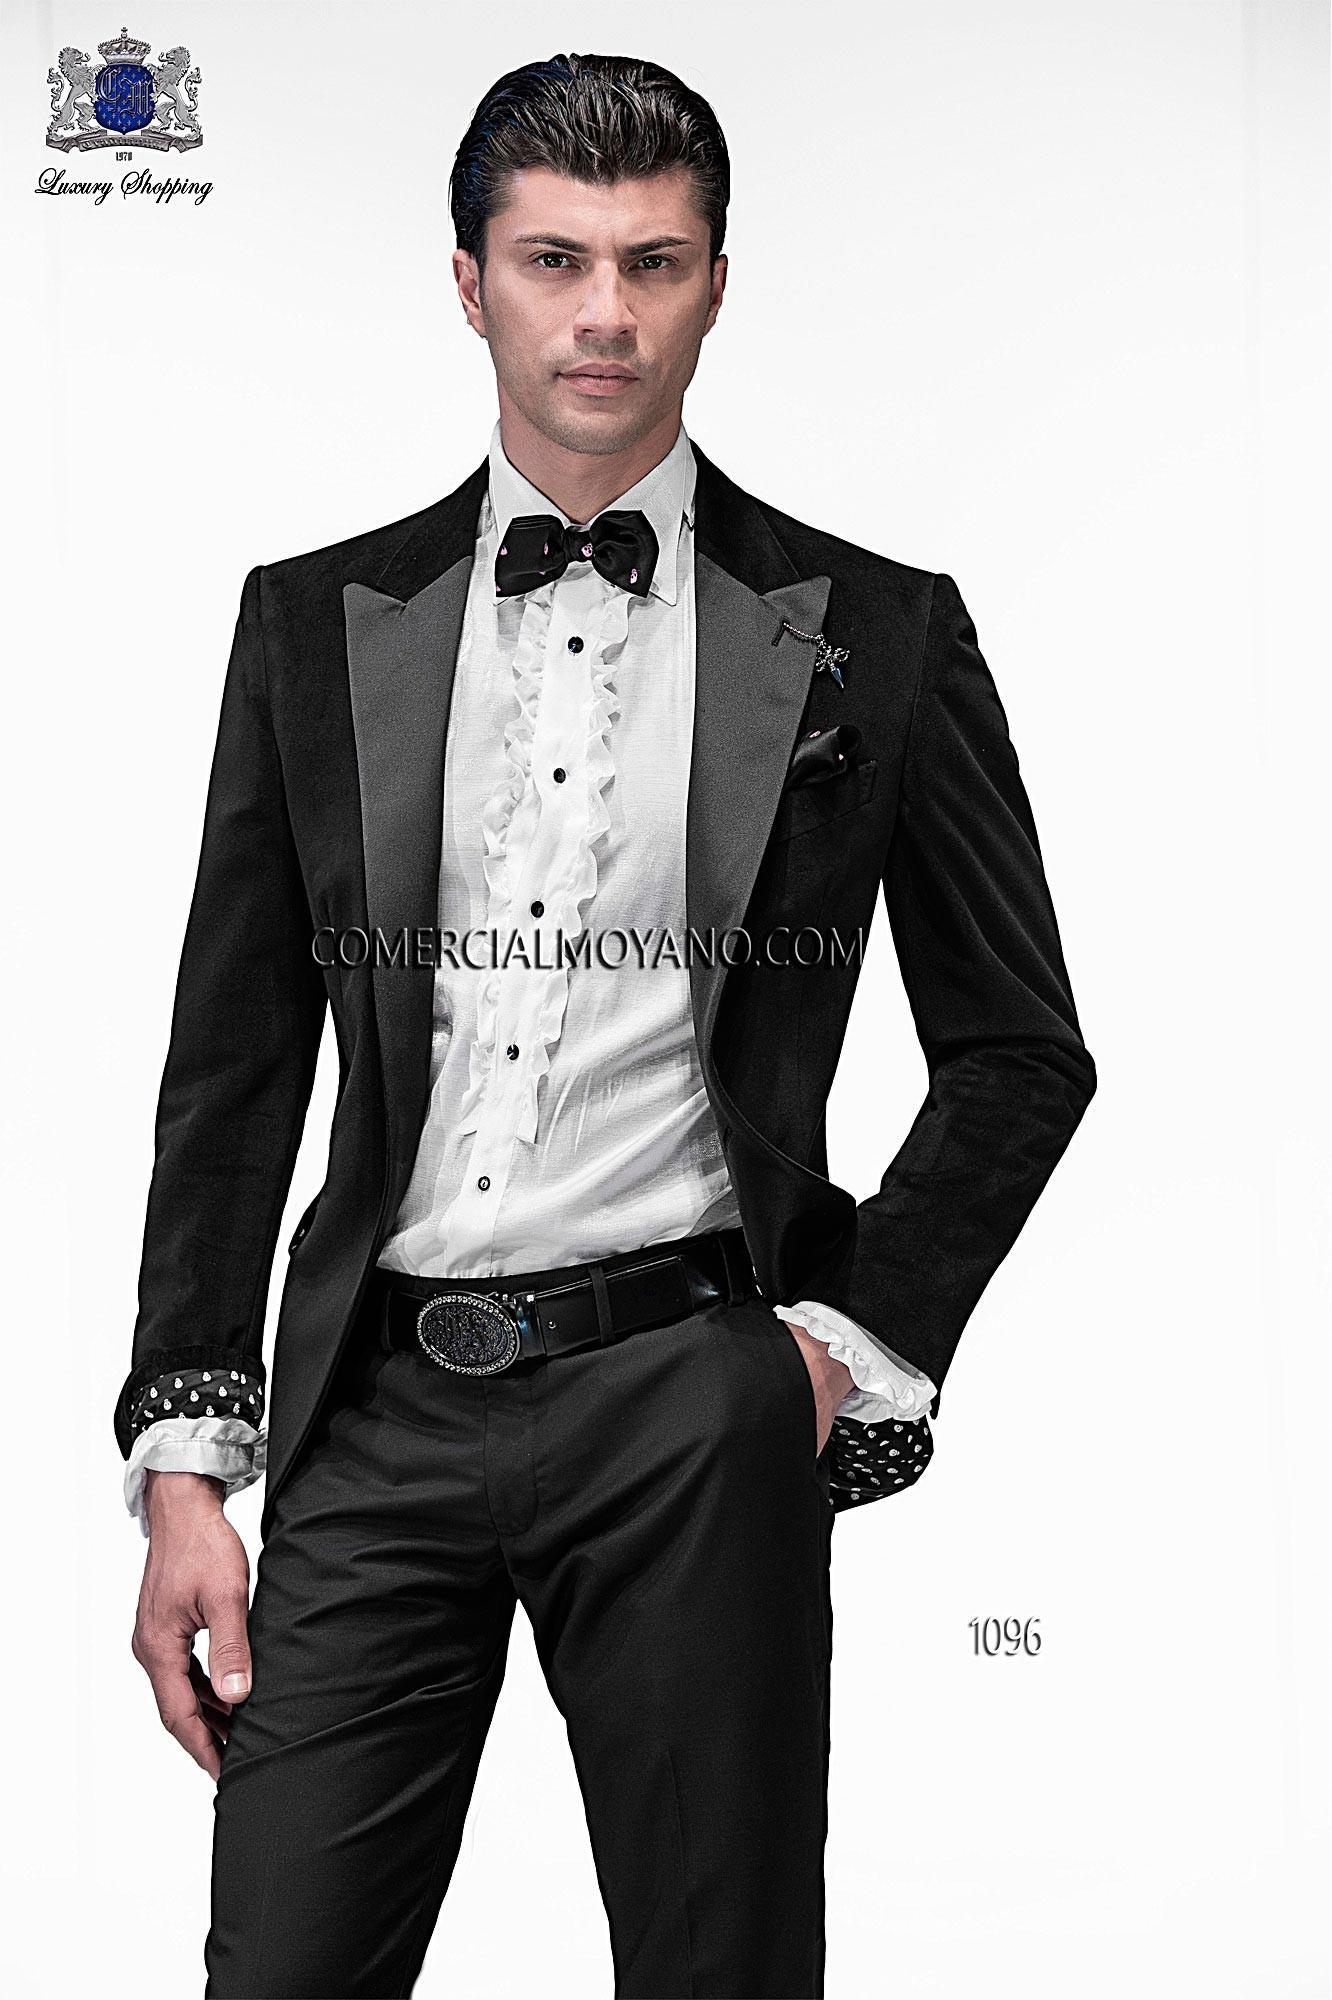 Traje de moda hombre negro modelo: 1096 Ottavio Nuccio Gala colección Emotion 2017